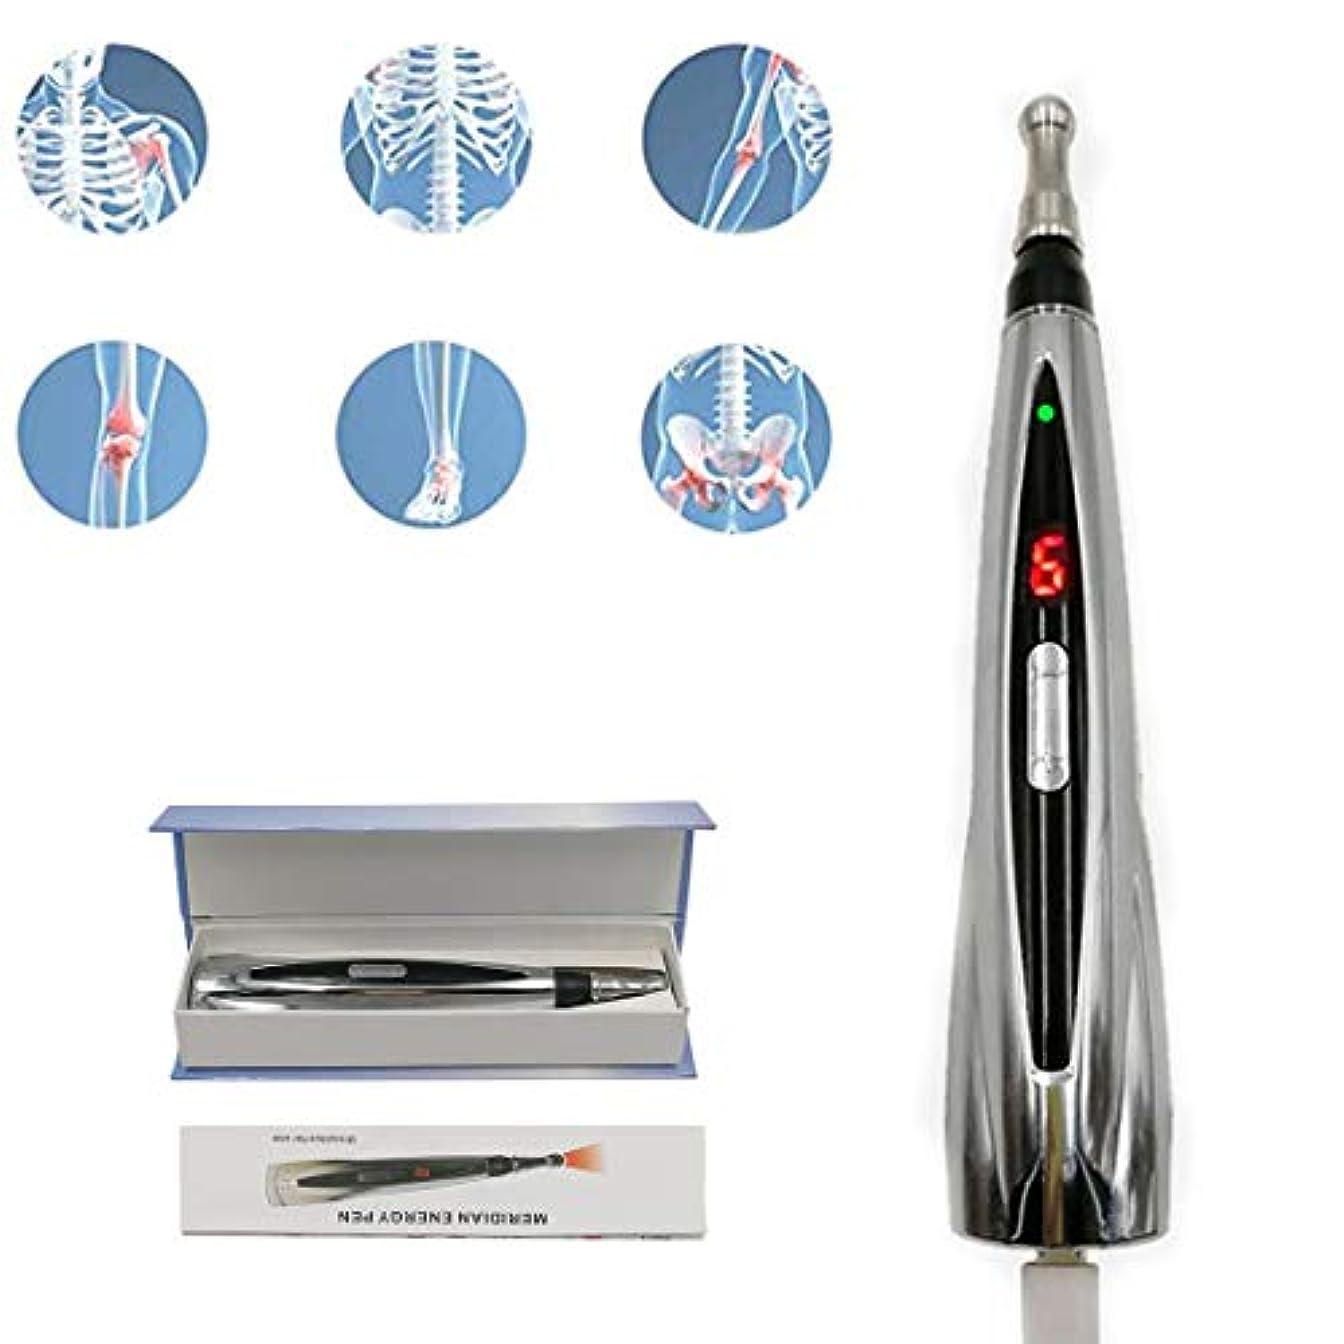 砲撃超高層ビル代わりにを立てるレーザーメリディアンペン、鍼治療用のUSB充電メリディアンペン痛みのポイント痛みのストレス緩和のために調整可能な9種類の力17.5cm * 3cmシルバー